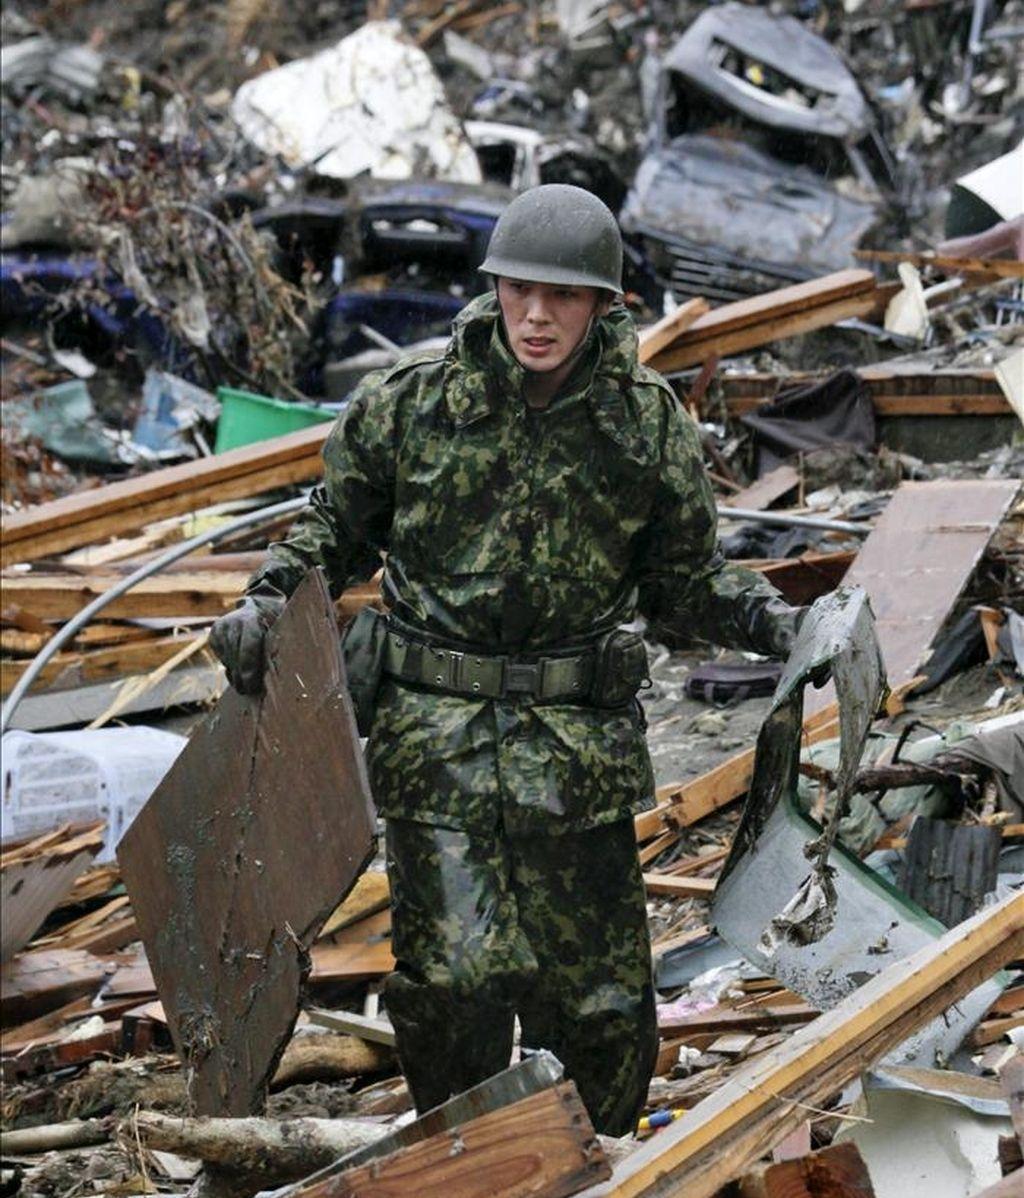 Un soldado japonés remueve escombros en la localidad de Minamisanriku, prefectura de Miyagi. EFE